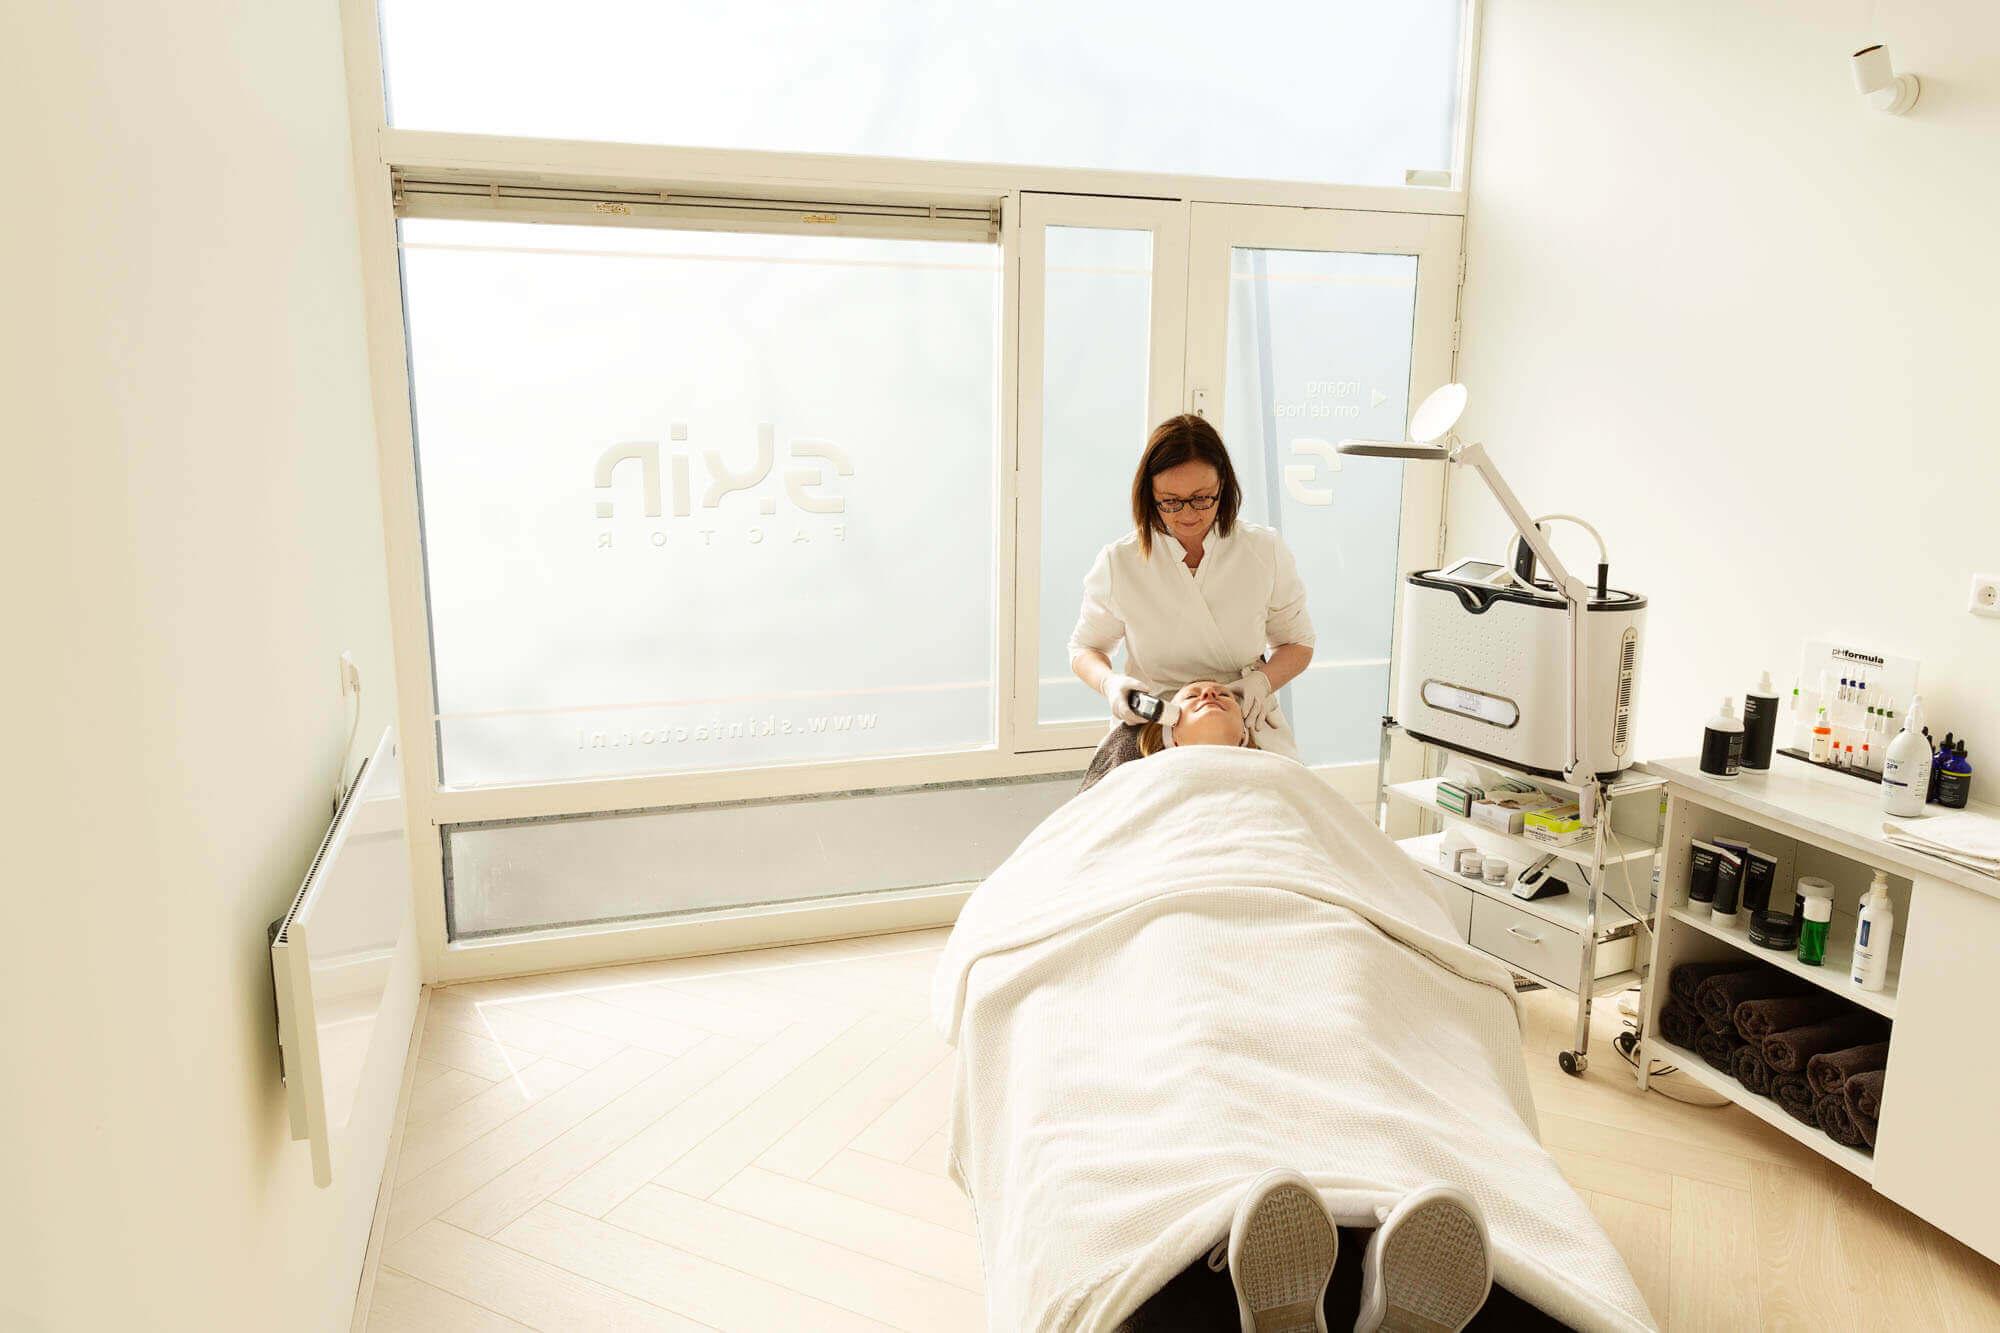 Acne behandeling Amsterdam Noord